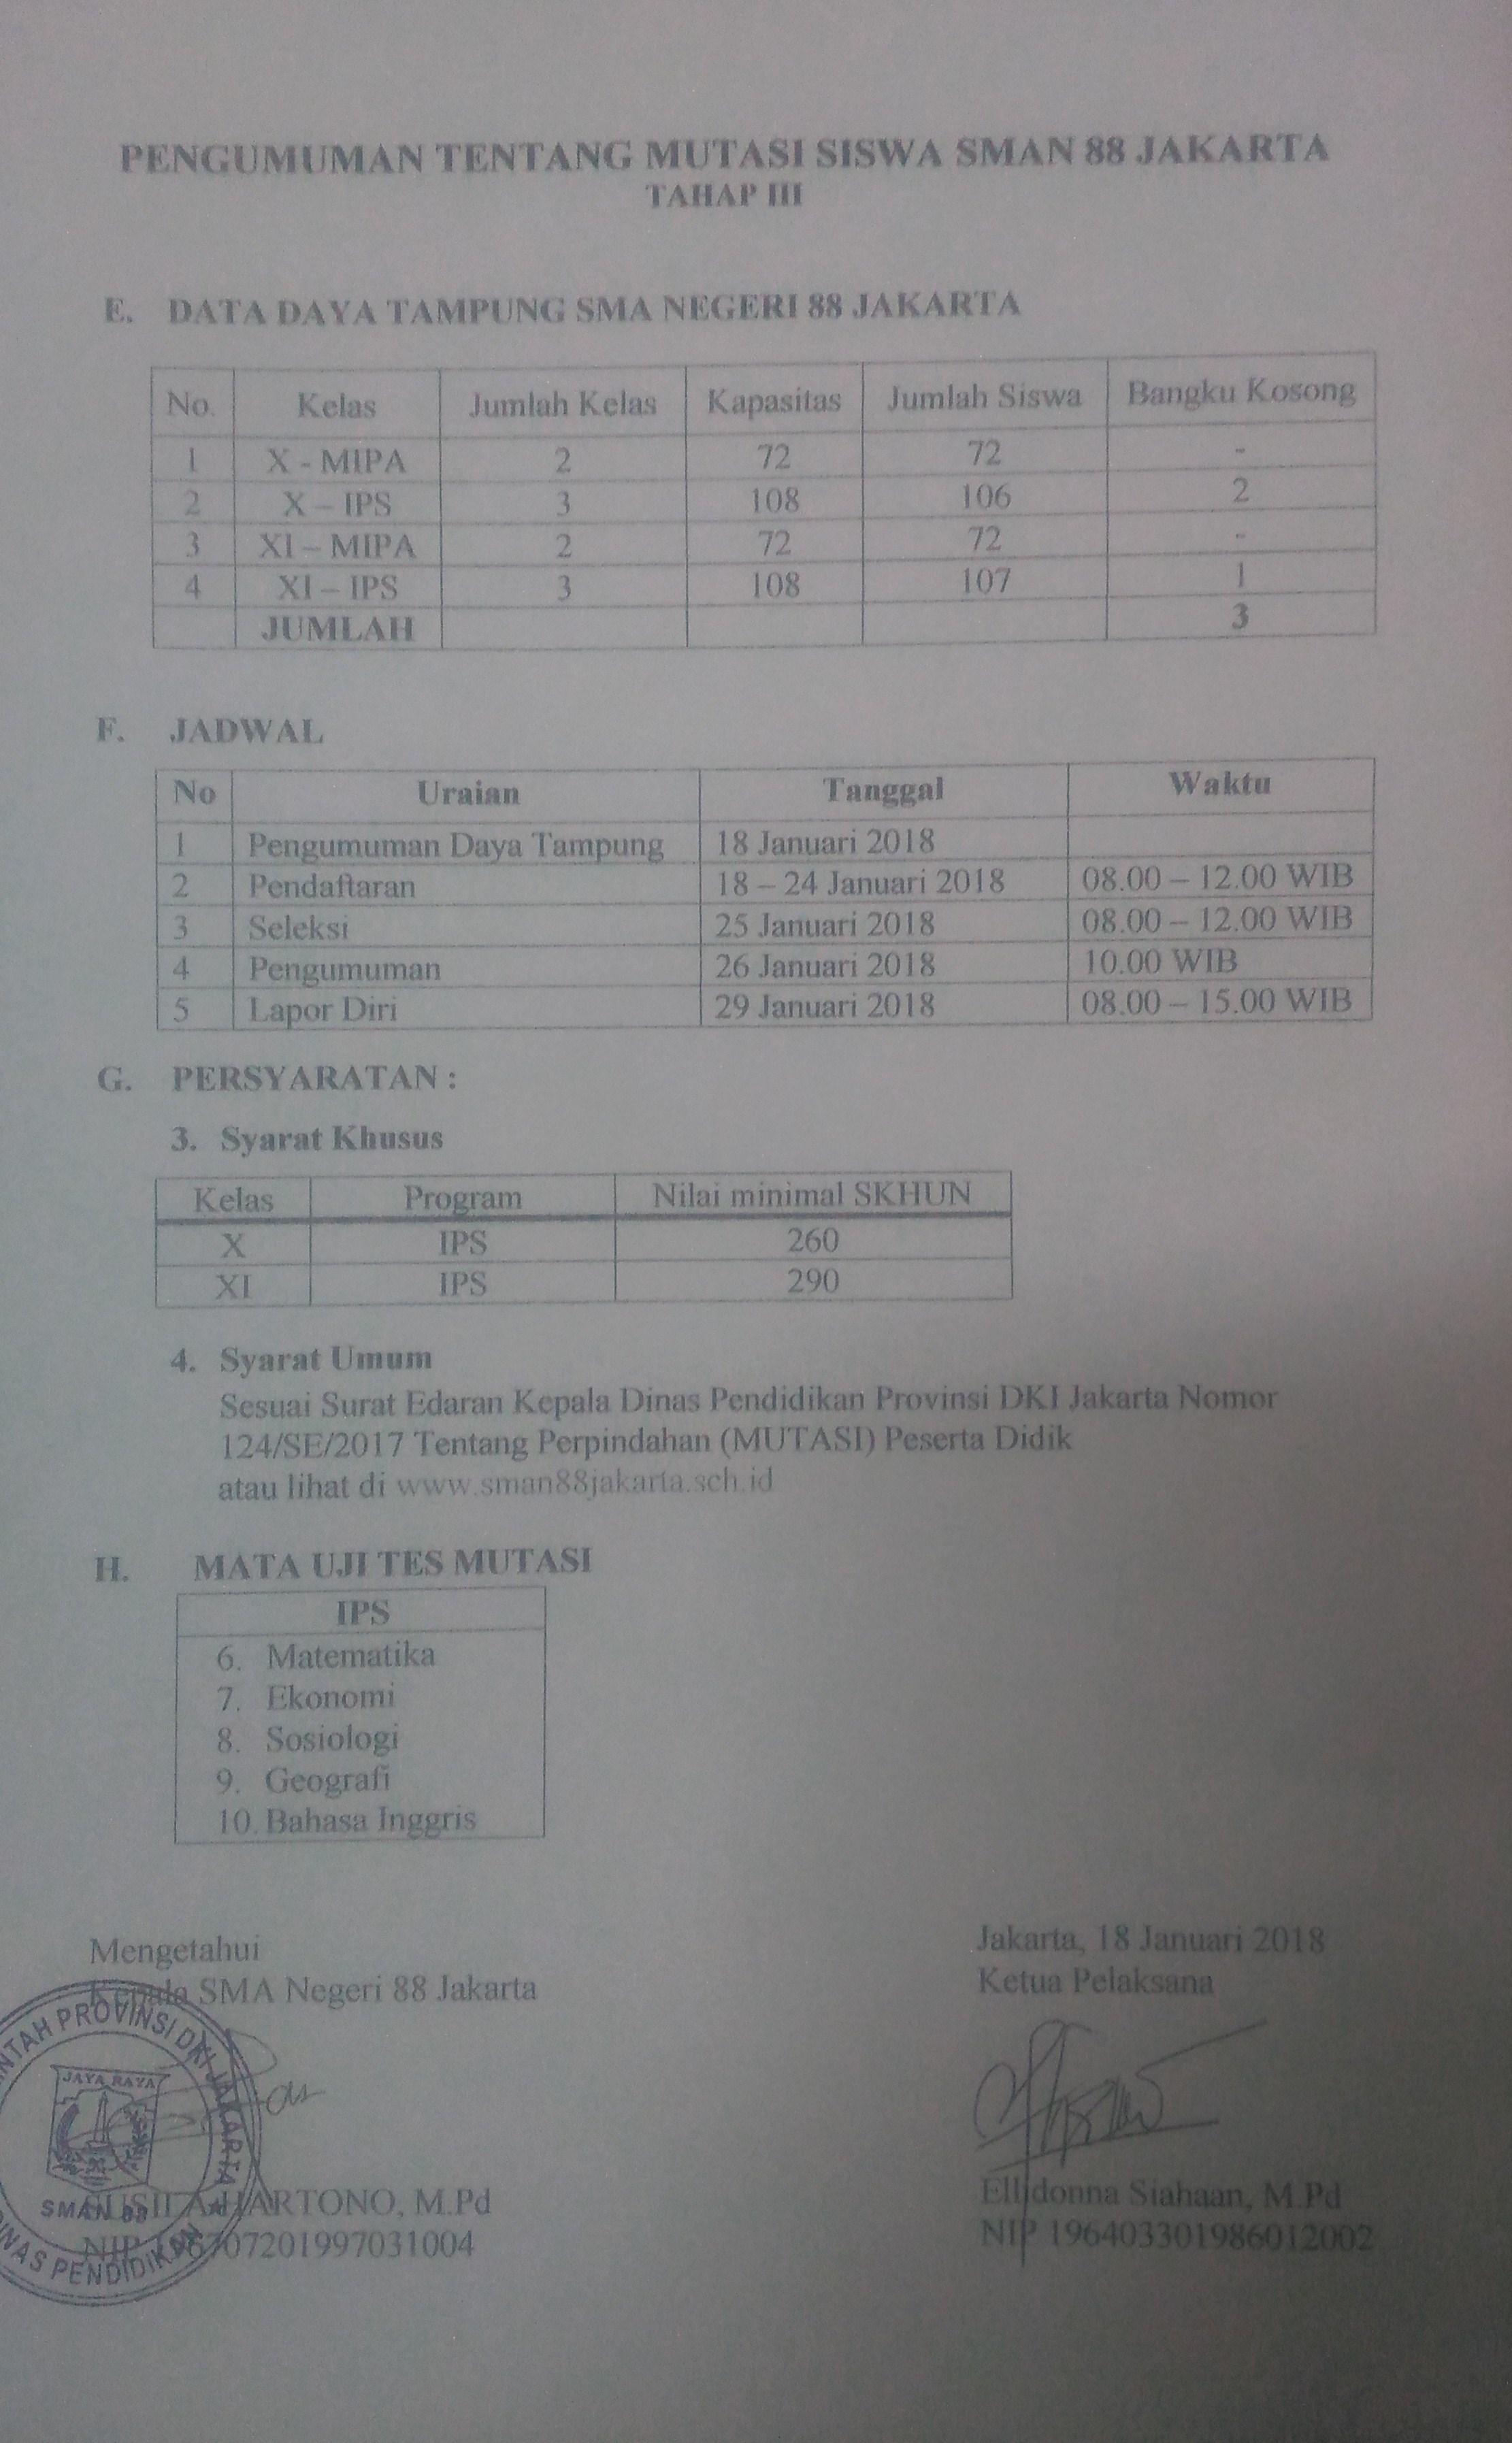 PENERIMAAN MUTASI TAHAP III